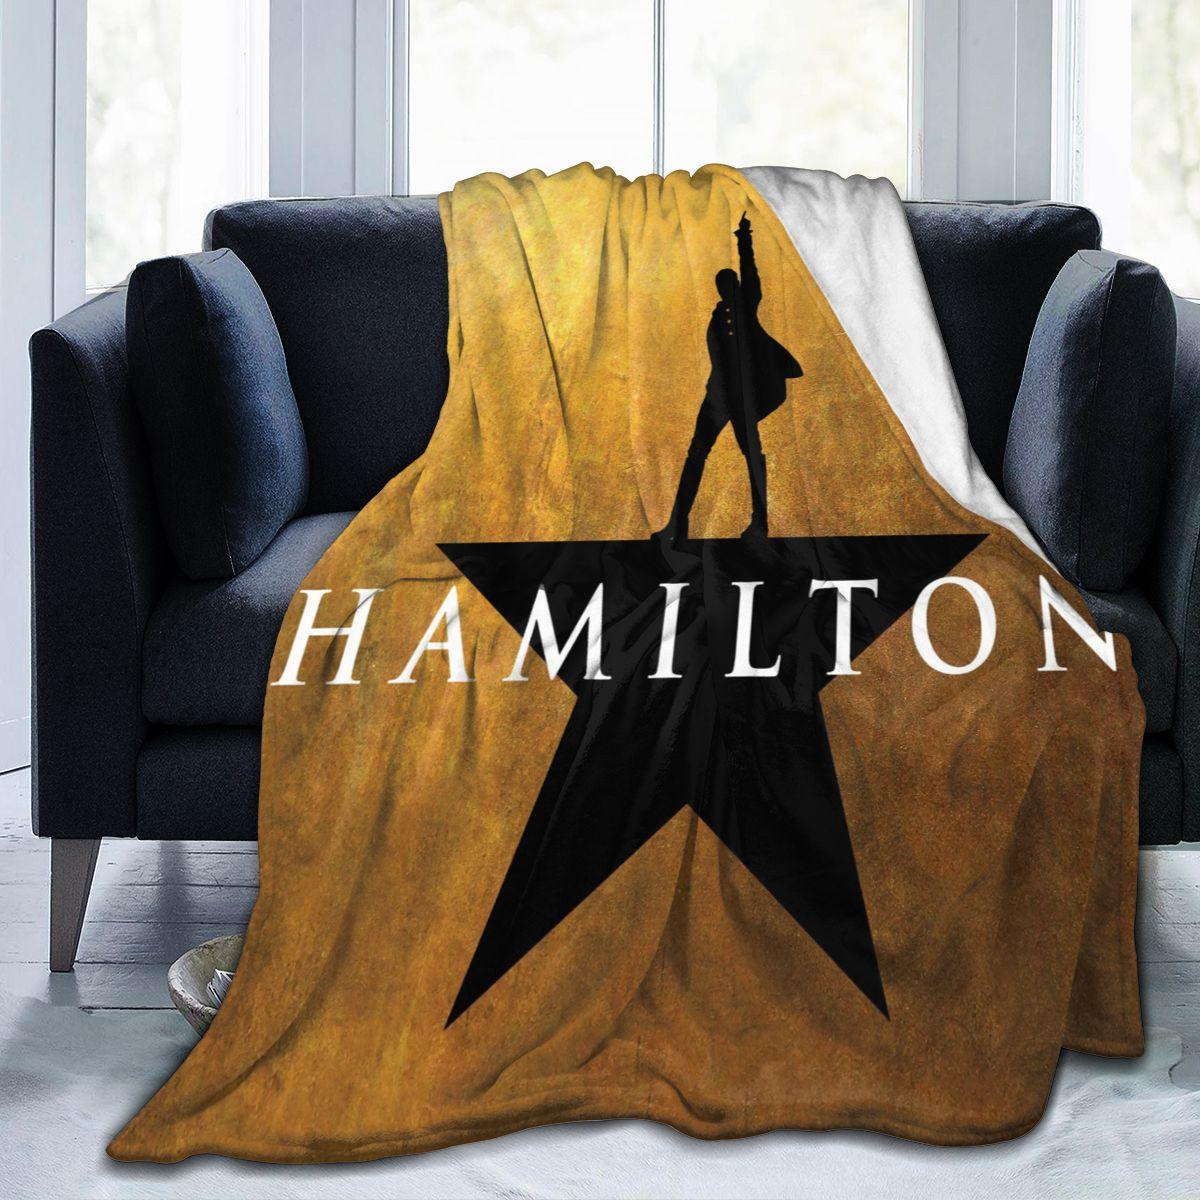 الترا لينة أريكة غطاء بطانية بطانية الفراش الكرتون الكرتون الفانيلا plied أريكة ديكور غرفة نوم للأطفال والكبار 1521